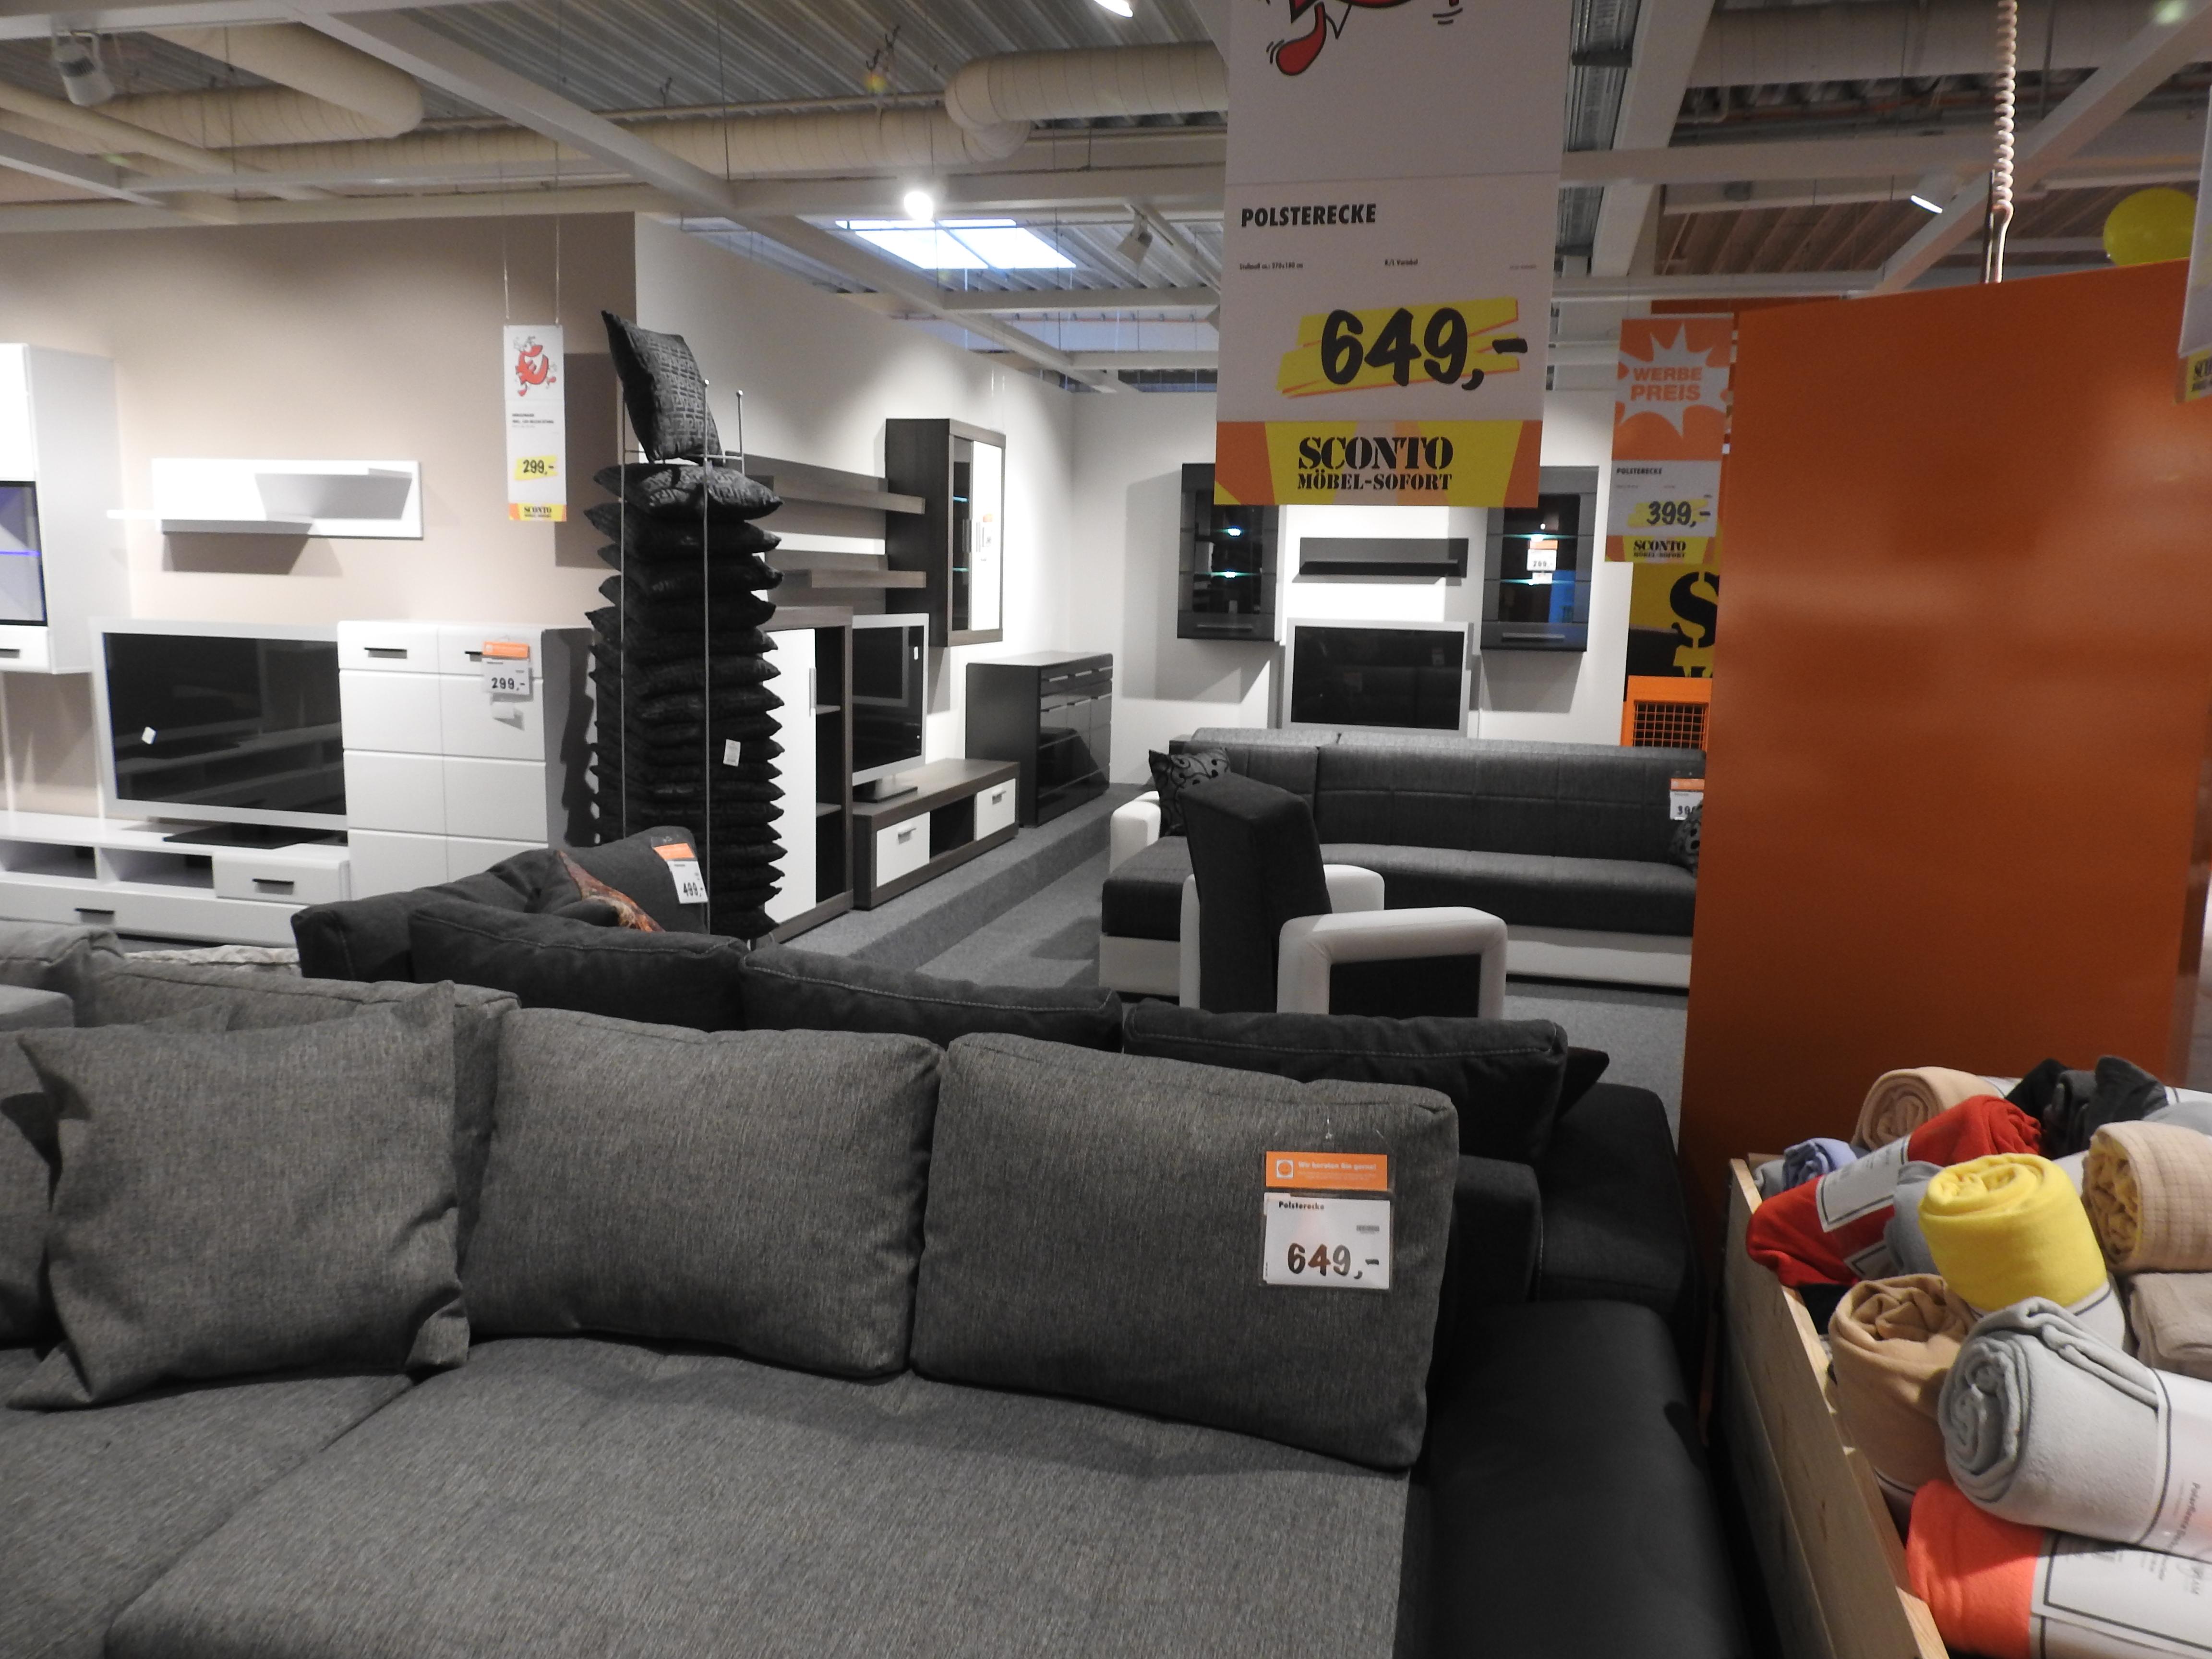 sconto sb der m belmarkt gmbh oststeinbek in oststeinbek branchenbuch deutschland. Black Bedroom Furniture Sets. Home Design Ideas